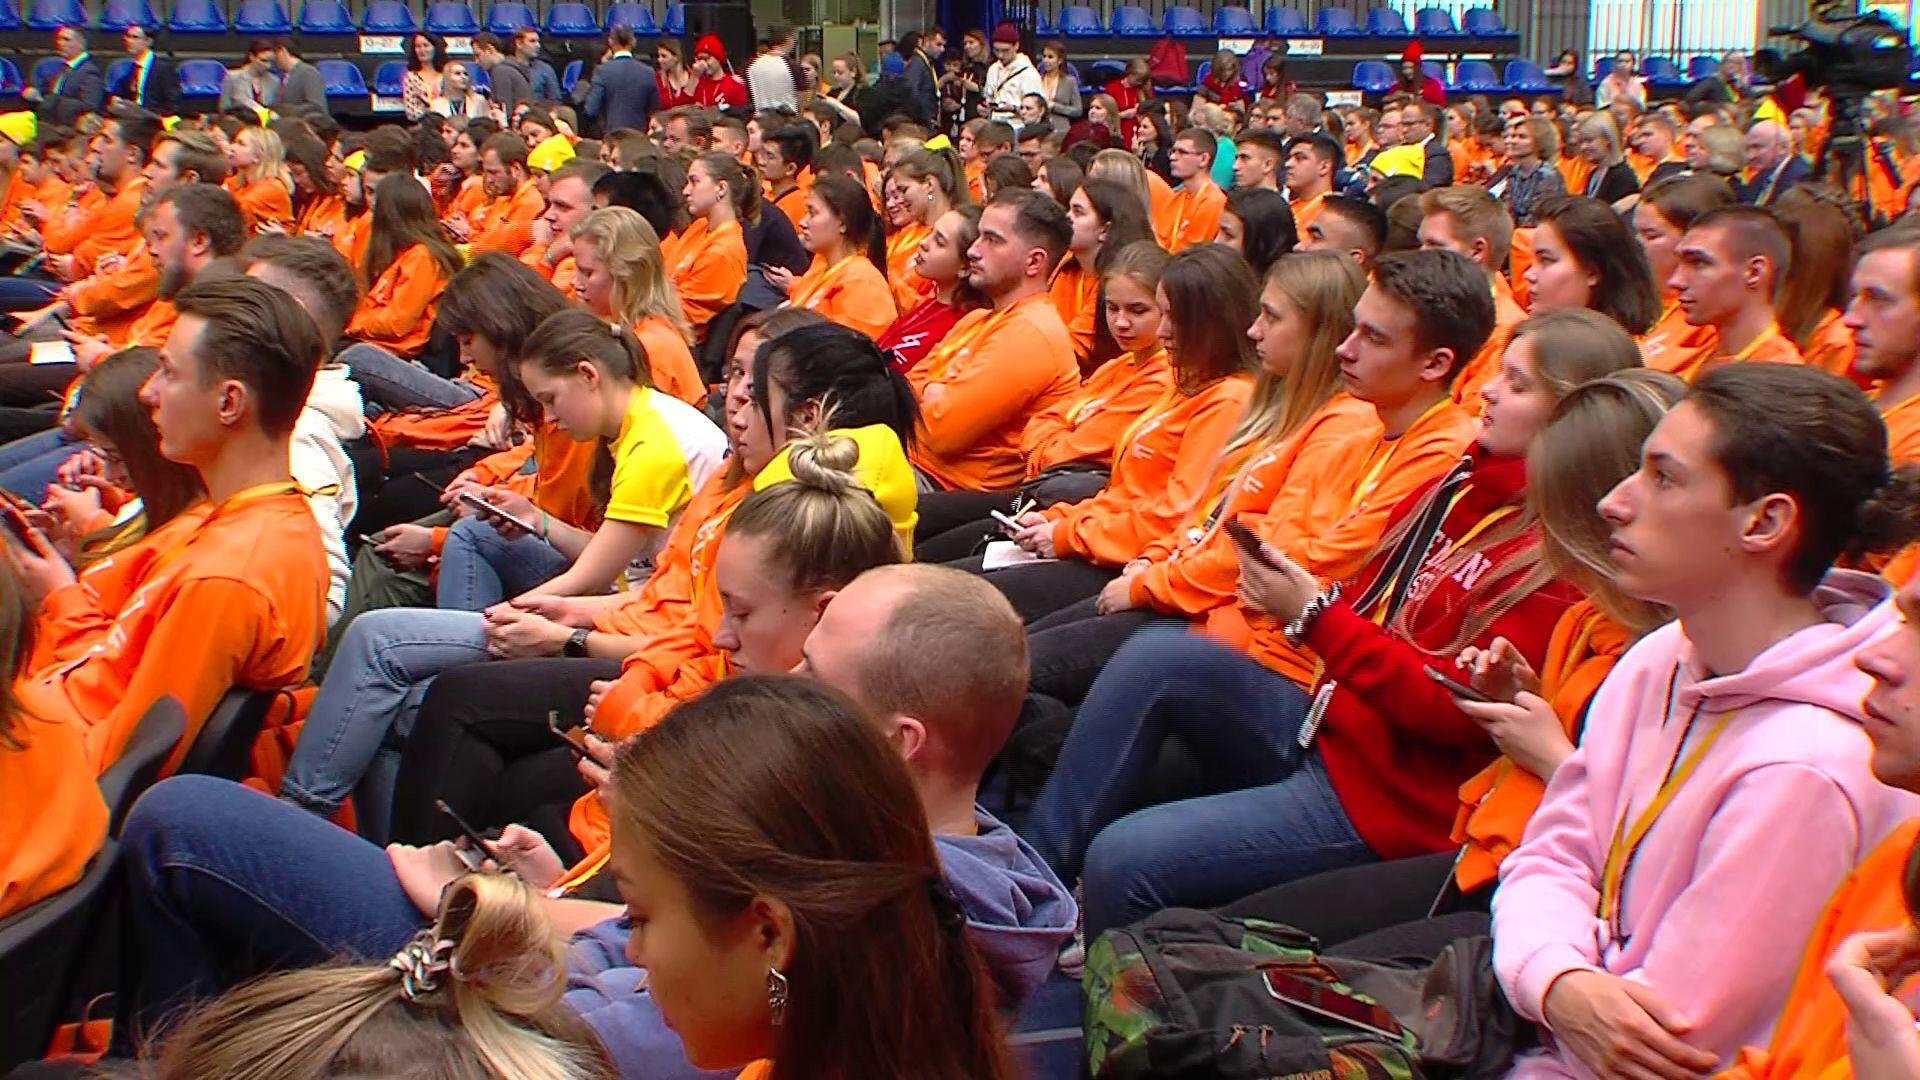 В Ярославле рассказали о состоянии участников слета лидеров, госпитализированных с симптомами вирусной инфекции